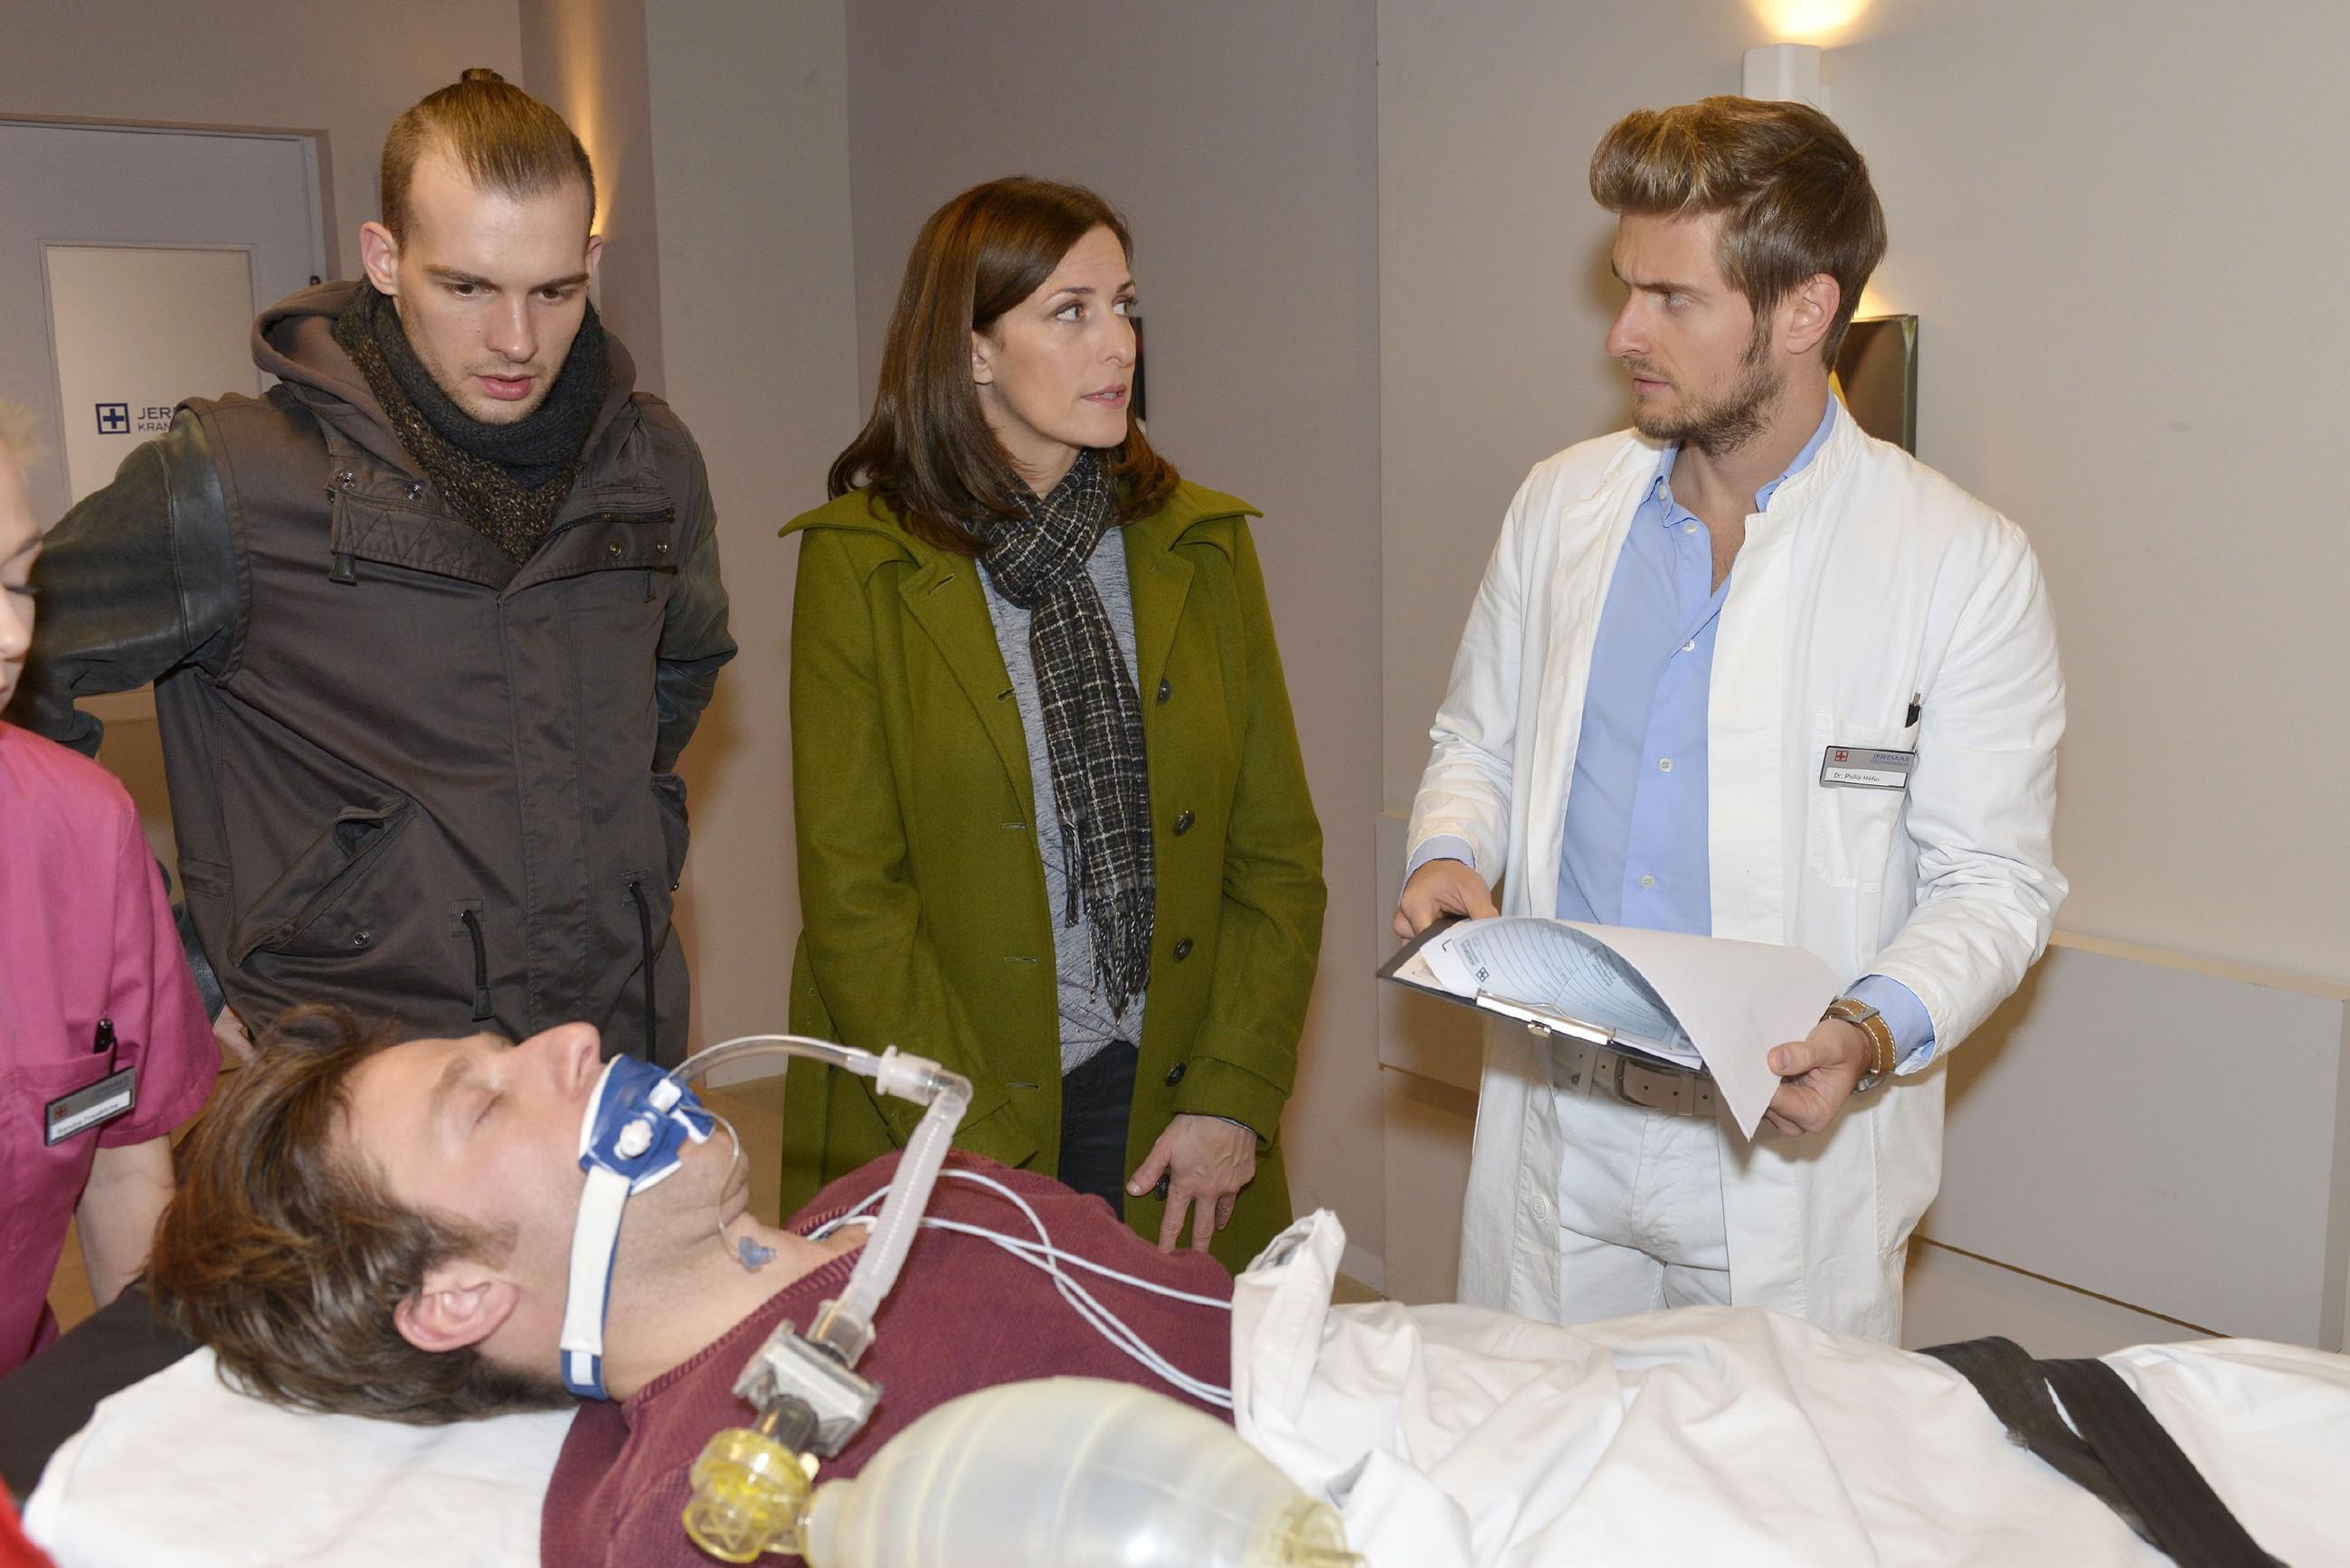 Chris (Eric Stehfest, l.) und Katrin (Ulrike Frank) begleiten Till (Merlin Leonhardt, vorne) nach seinem Zusammenbruch ins Krankenhaus und hoffen, dass Philip (Jörn Schlönvoigt) und die Ärzte ihm helfen können.